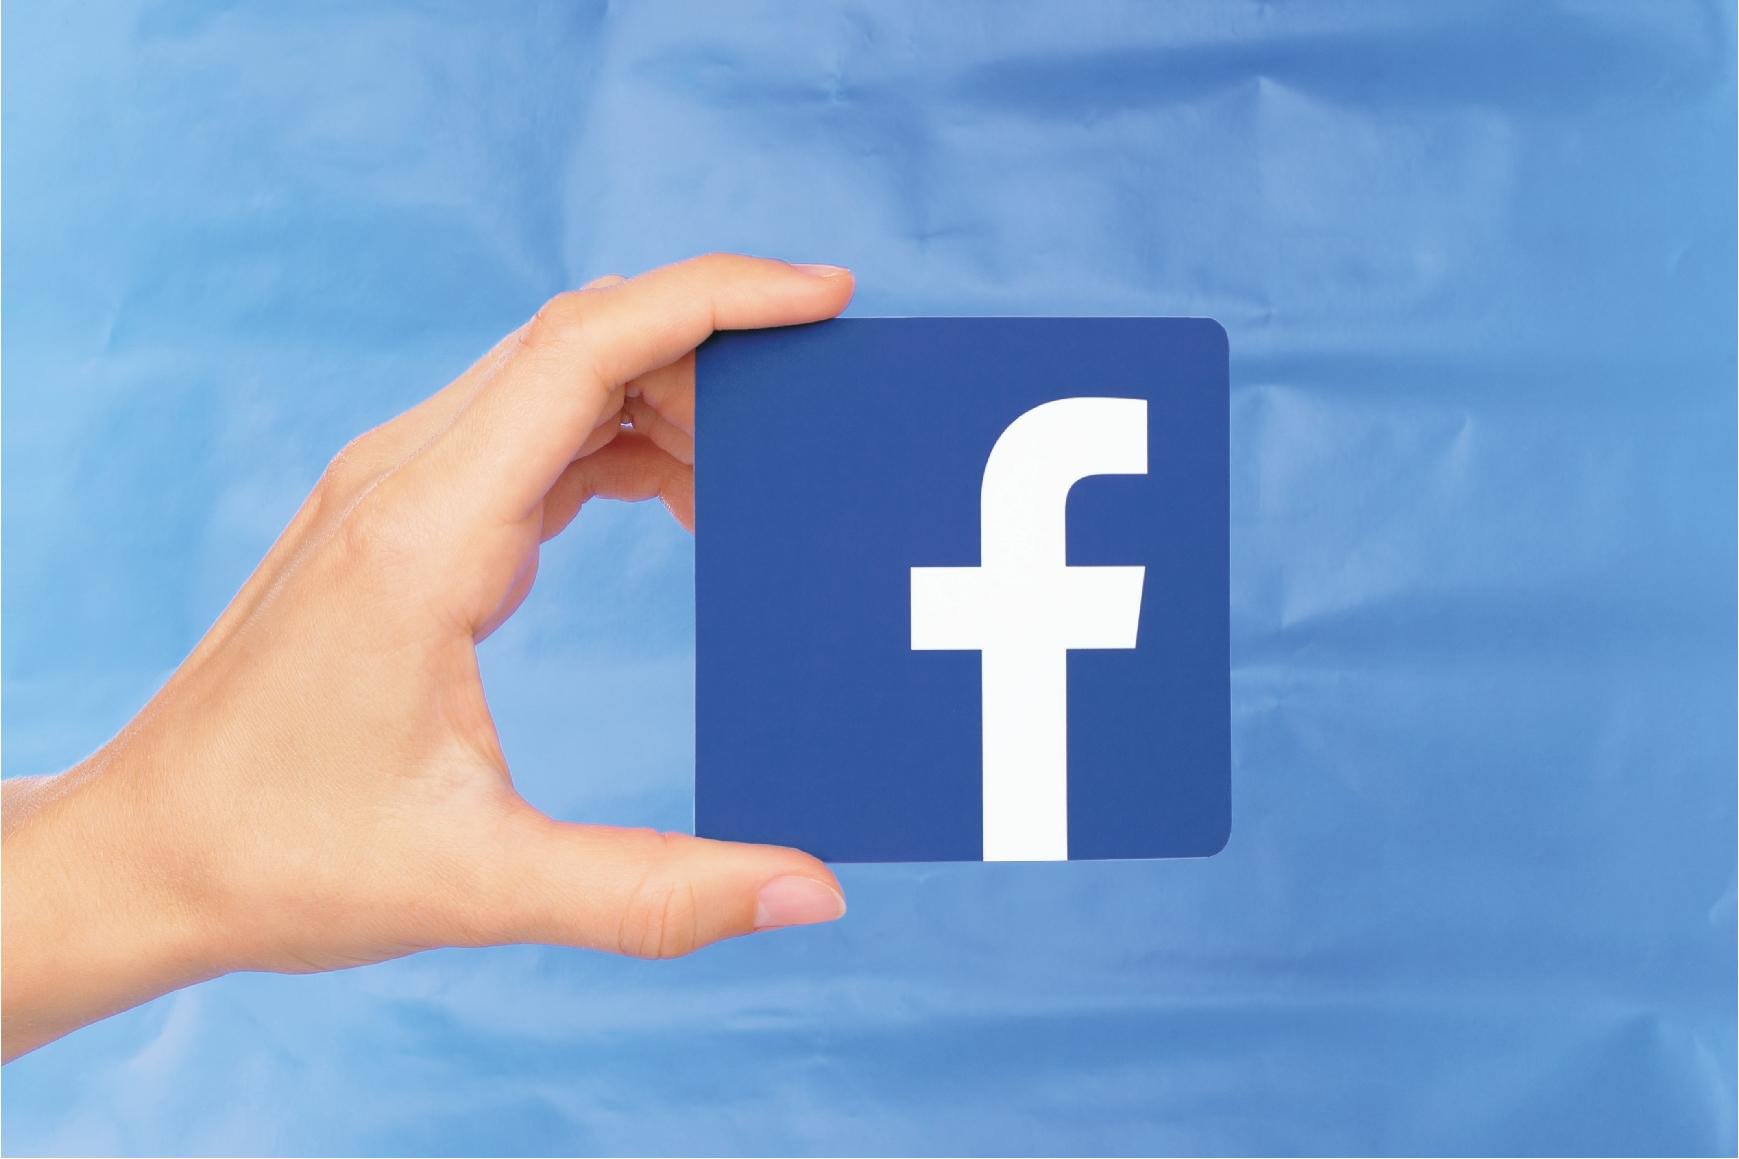 ¿Qué hacen Facebook y otras redes sociales y buscadores con tus datos?